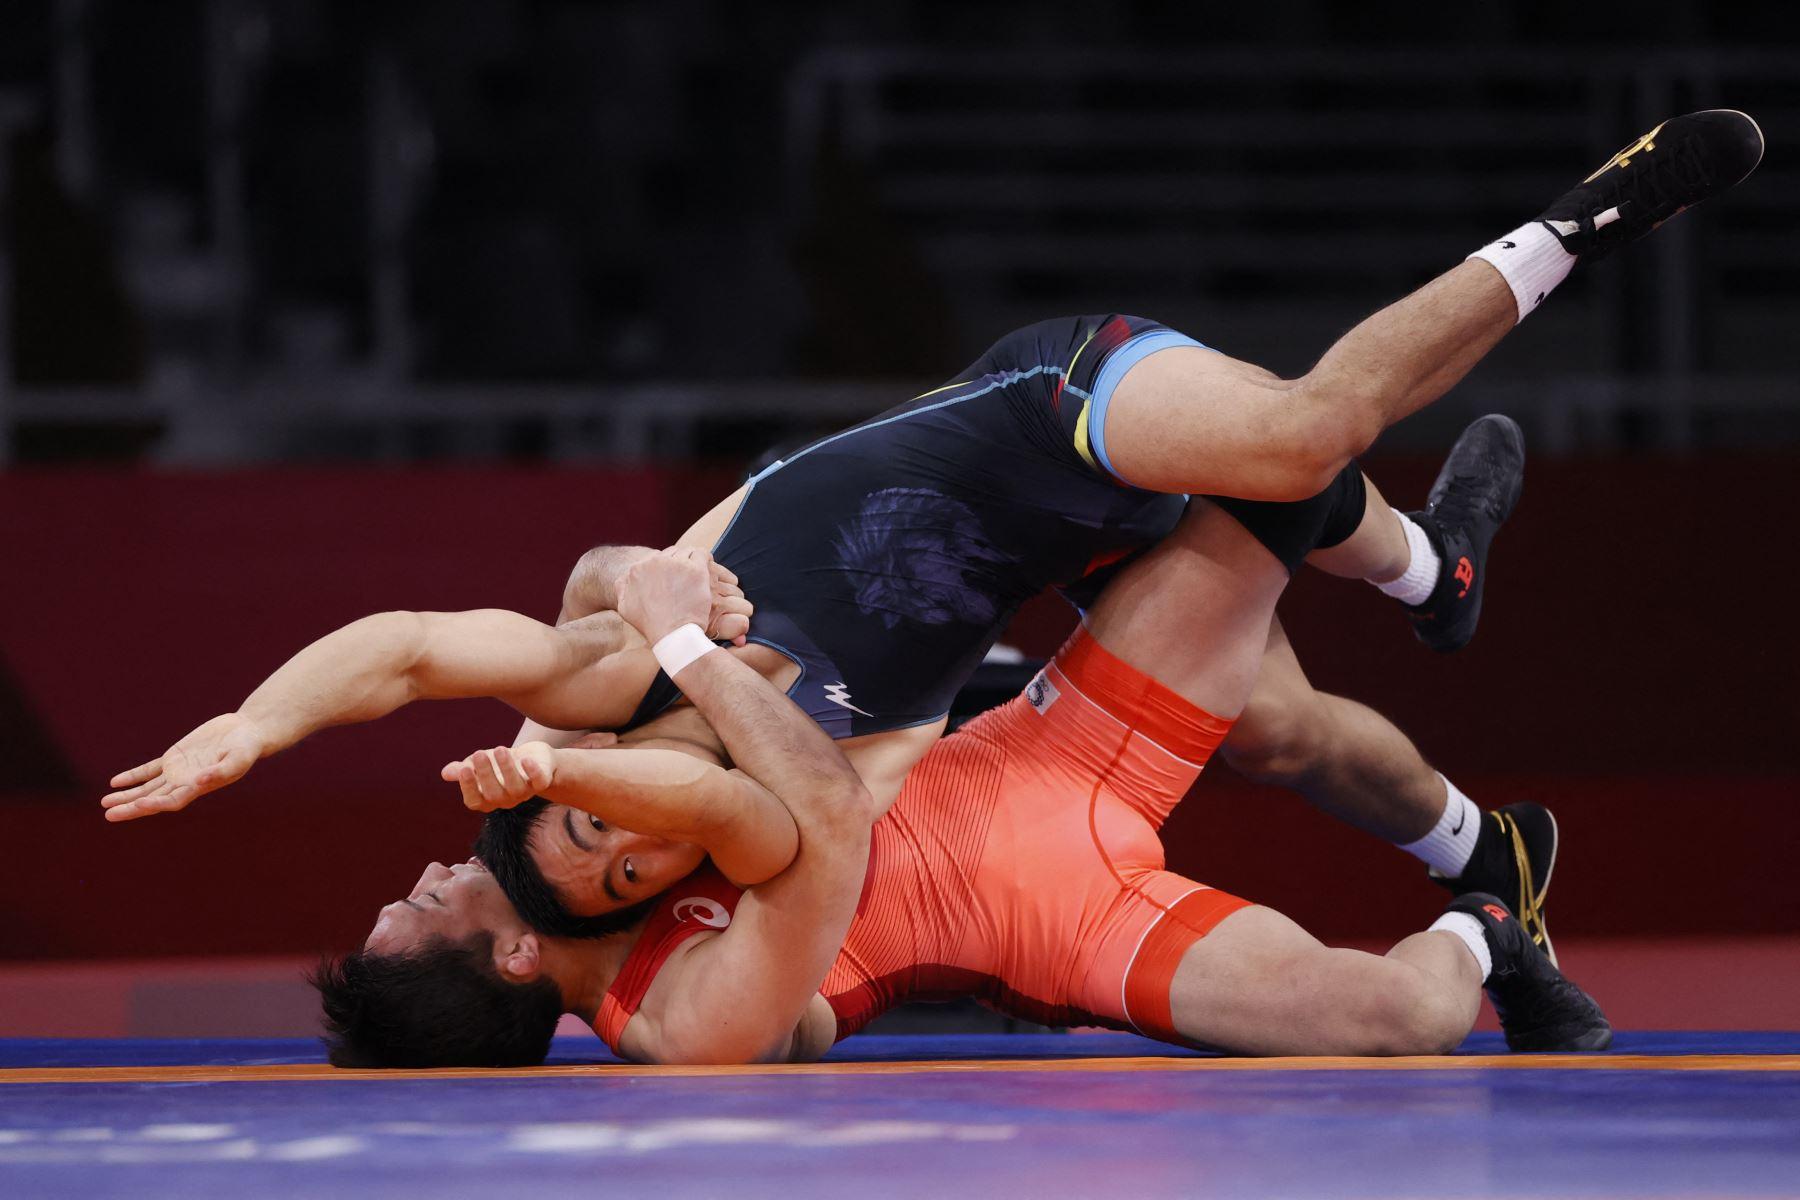 El japonés Keisuke Otoguro lucha contra el kazajo Daniyar Kaisanov, en su combate de 74 kg de estilo libre masculino durante la ronda temprana durante los Juegos Olímpicos de Tokio 2020. FOTO: AFP